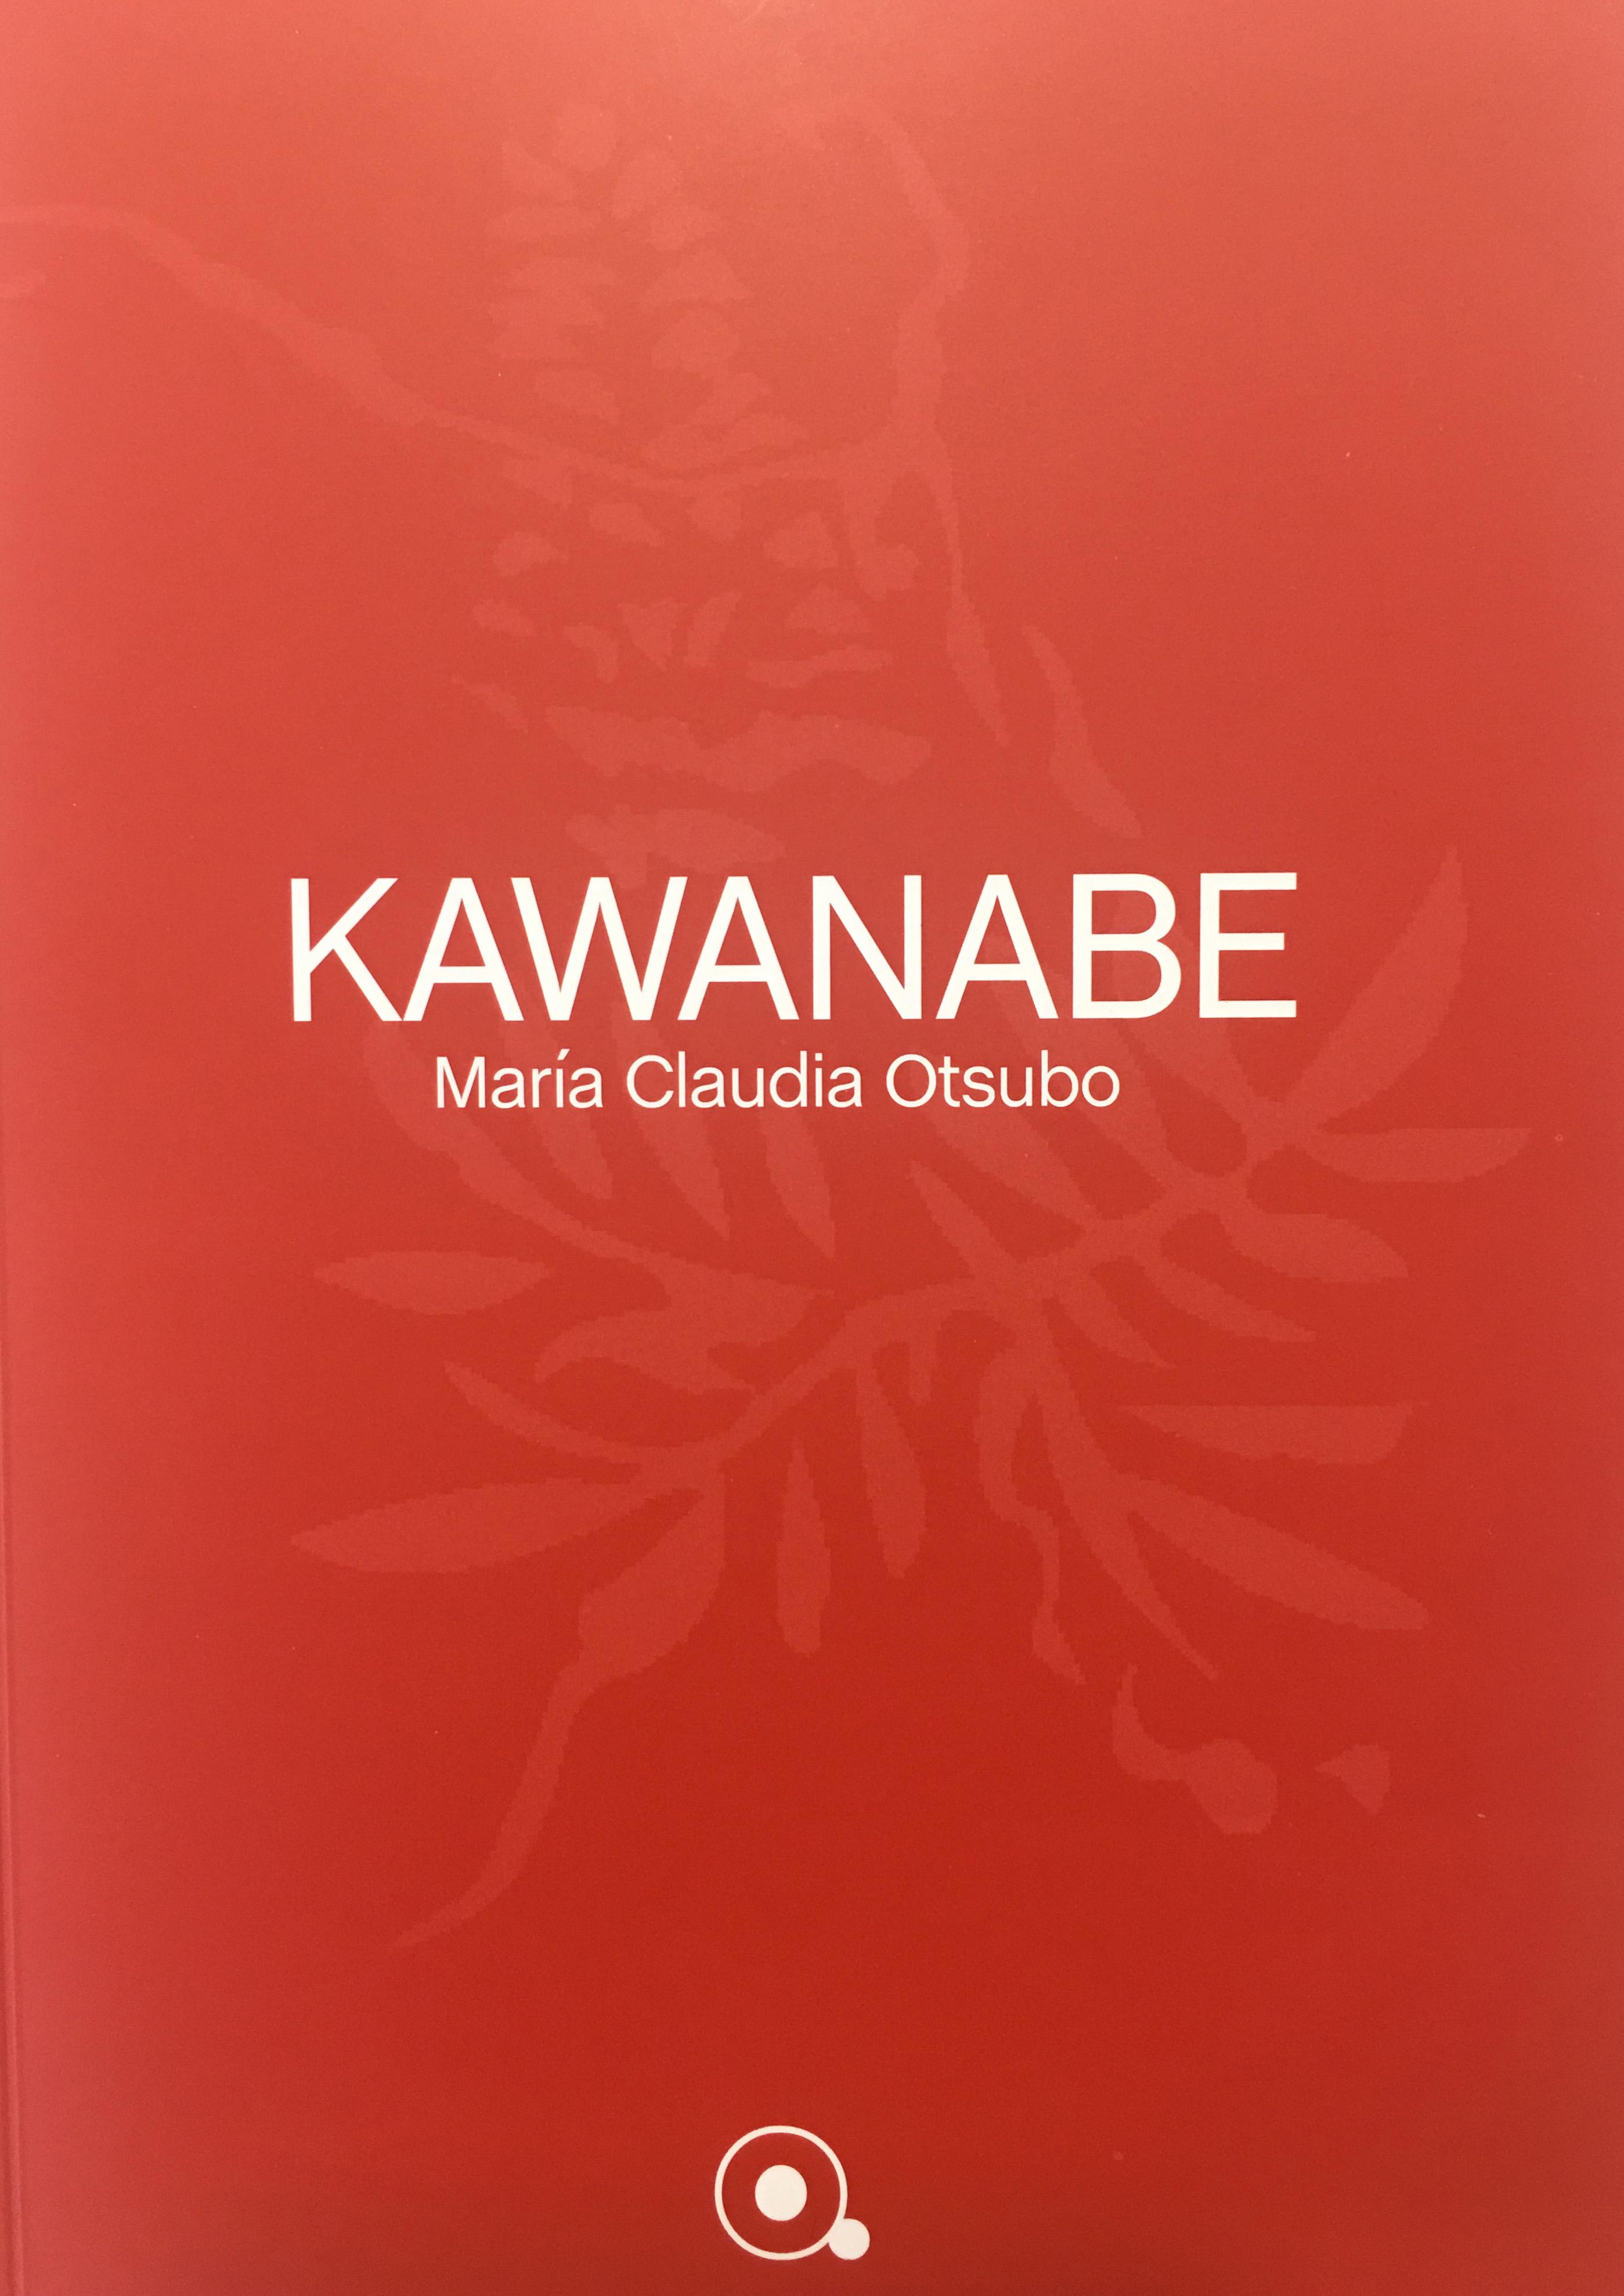 Reseña para Kawanabe – de Diego Hernán Rosain